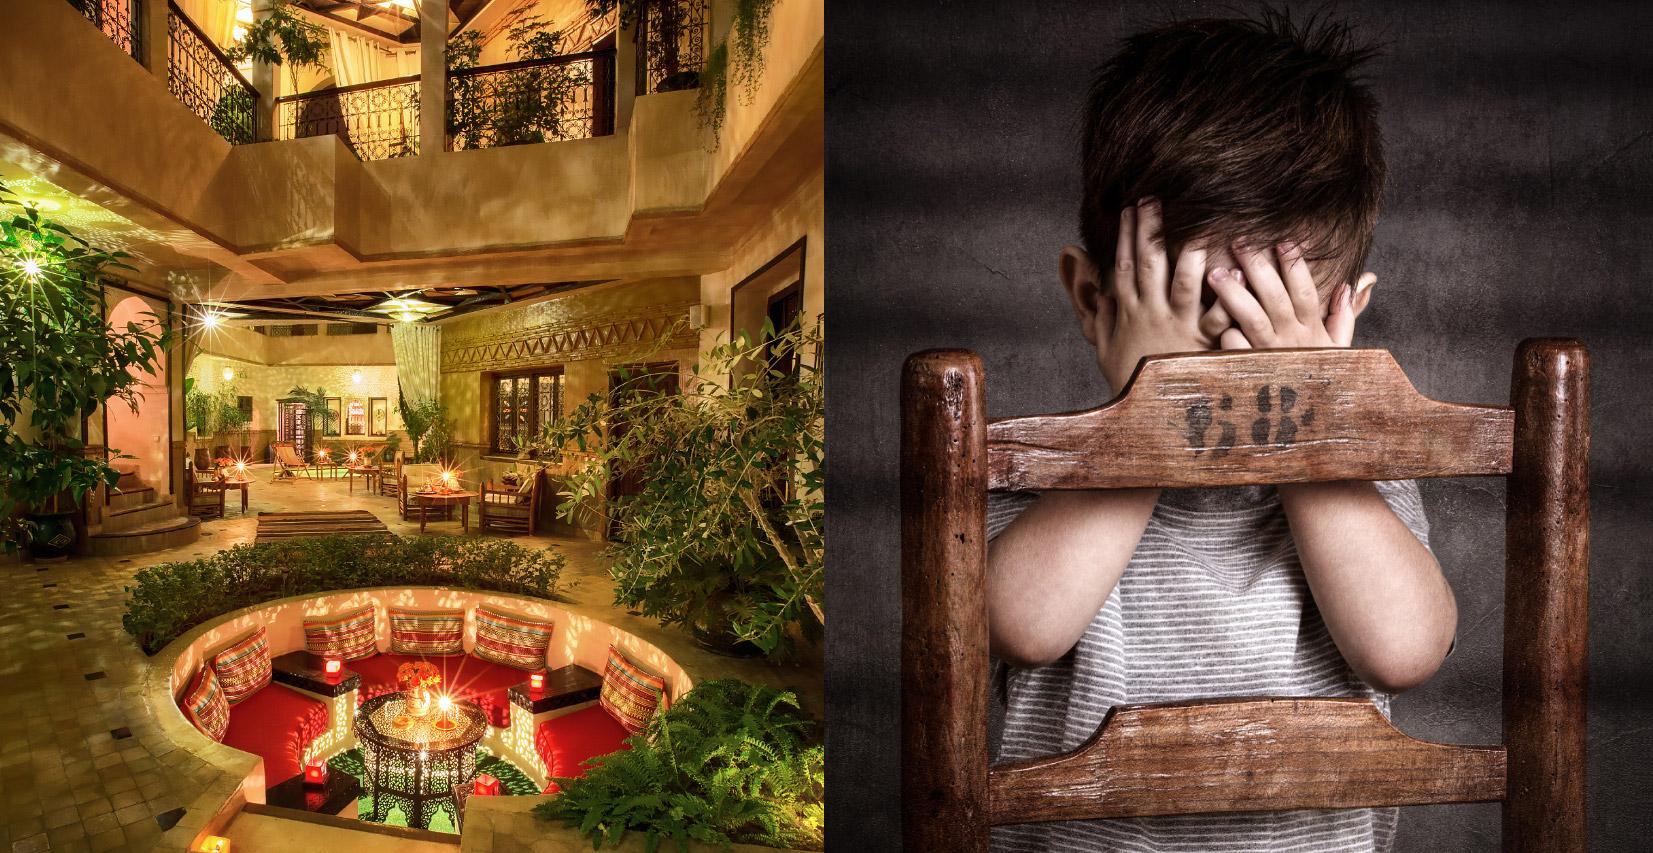 image duo, avec un riad photograhié de nuit à marrakech d'un côté de l'image et de l'autre le portrait d'un enfant qui se masque les yeux